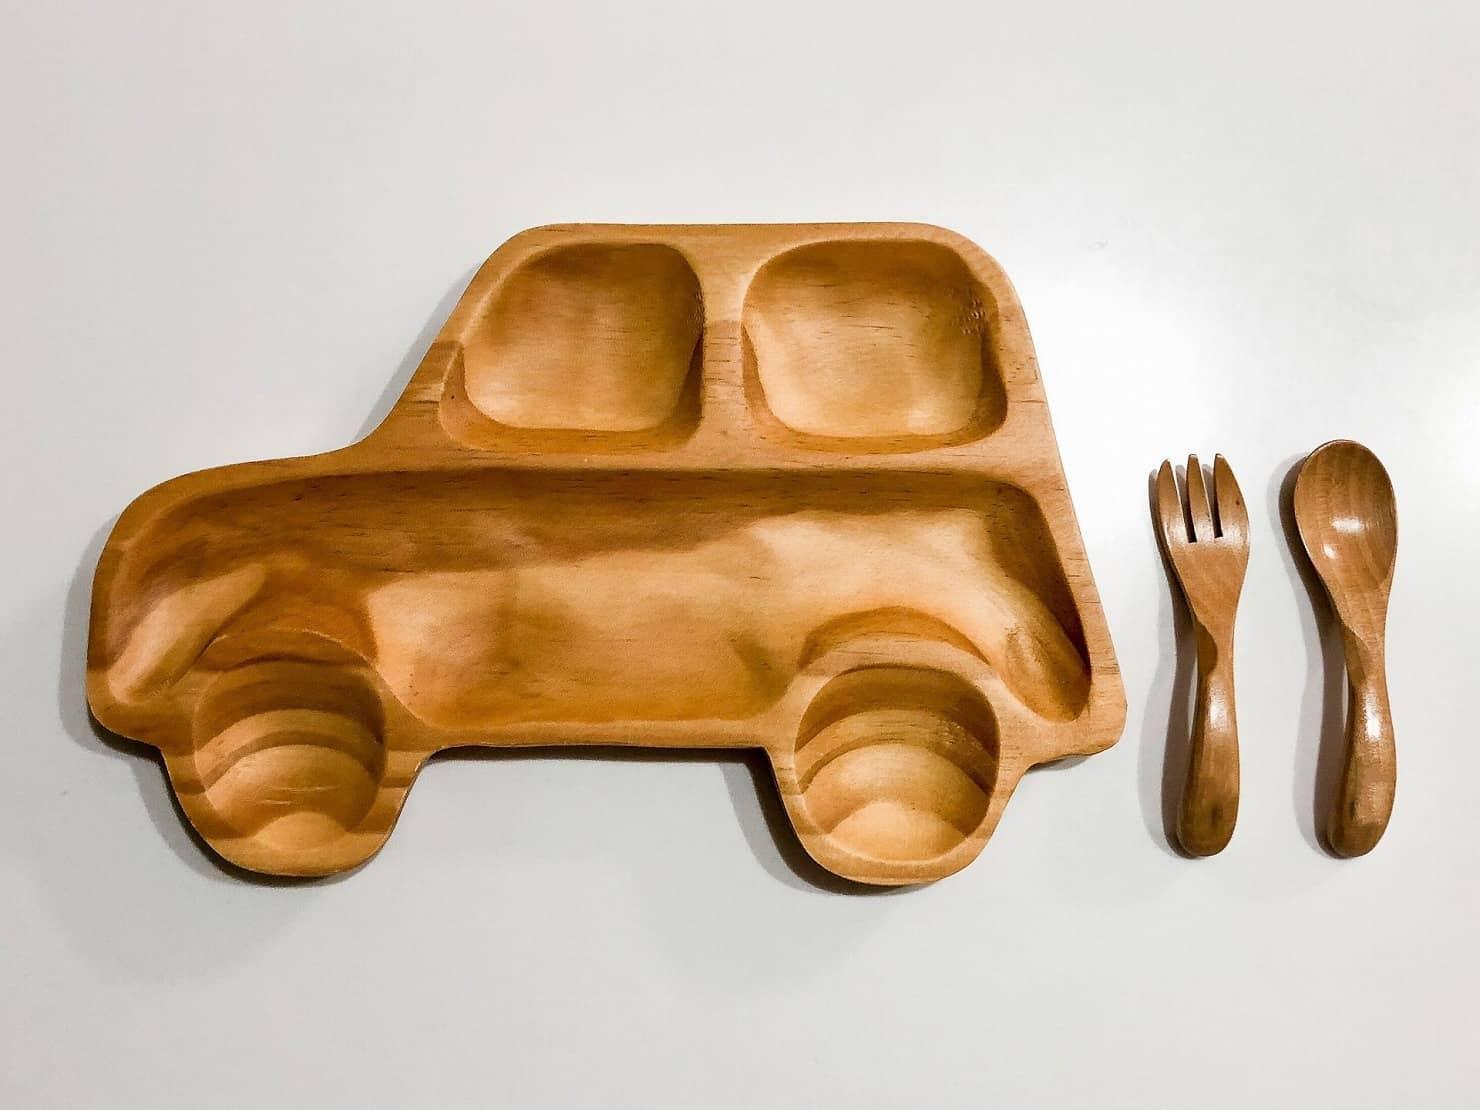 子供用食器おすすめ14選! 割れないプラスチックから木製、本格陶器まで